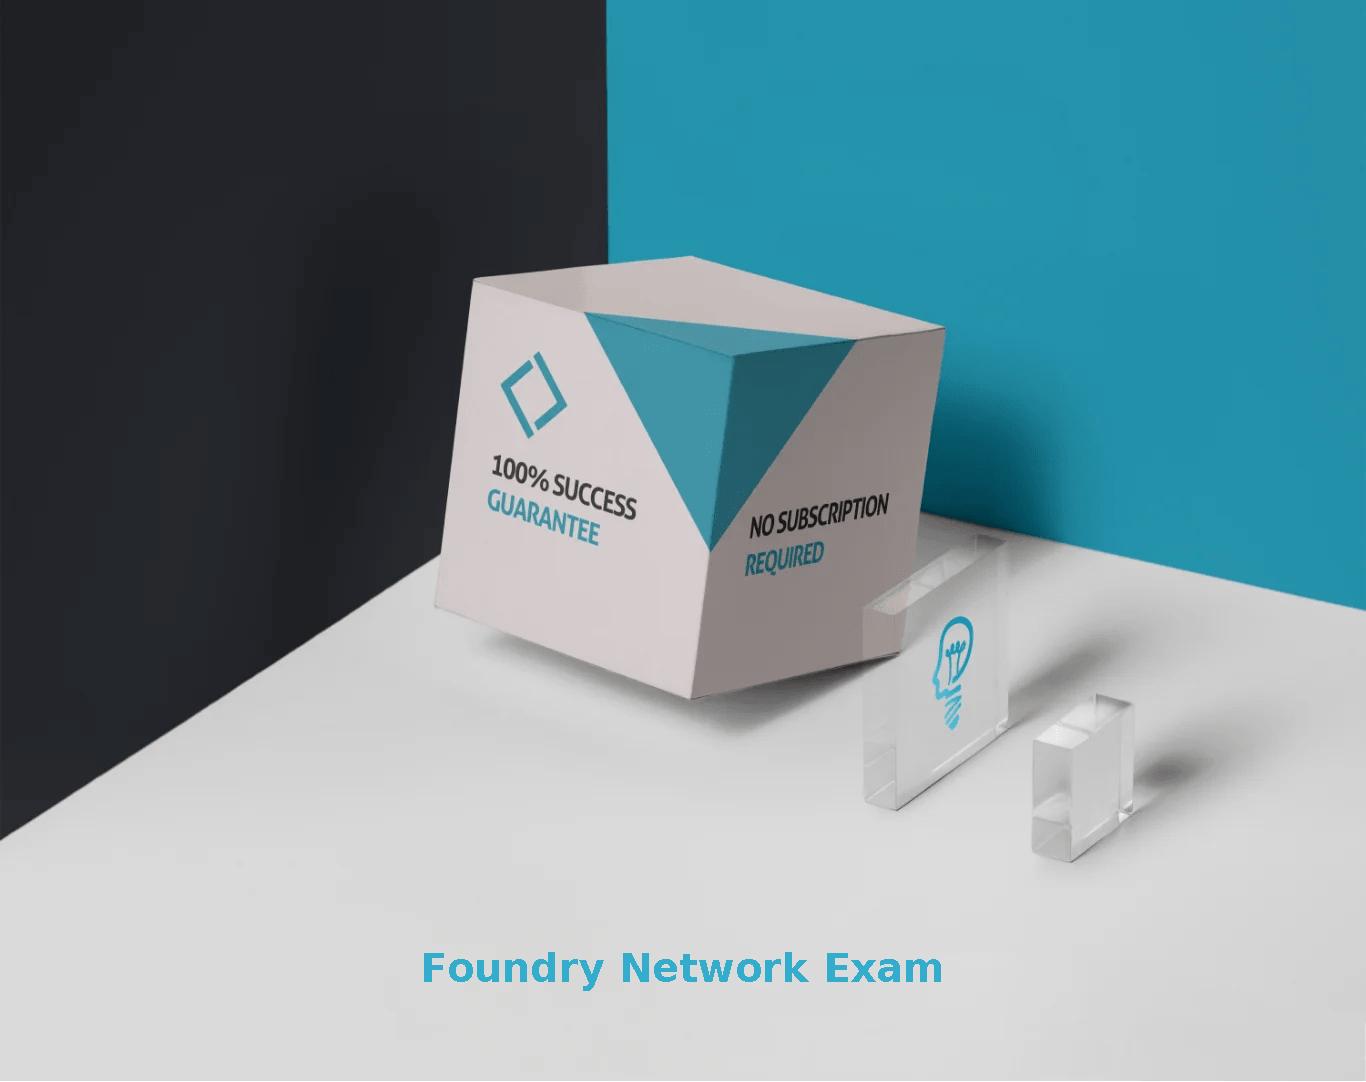 Foundry Network Exam Dumps